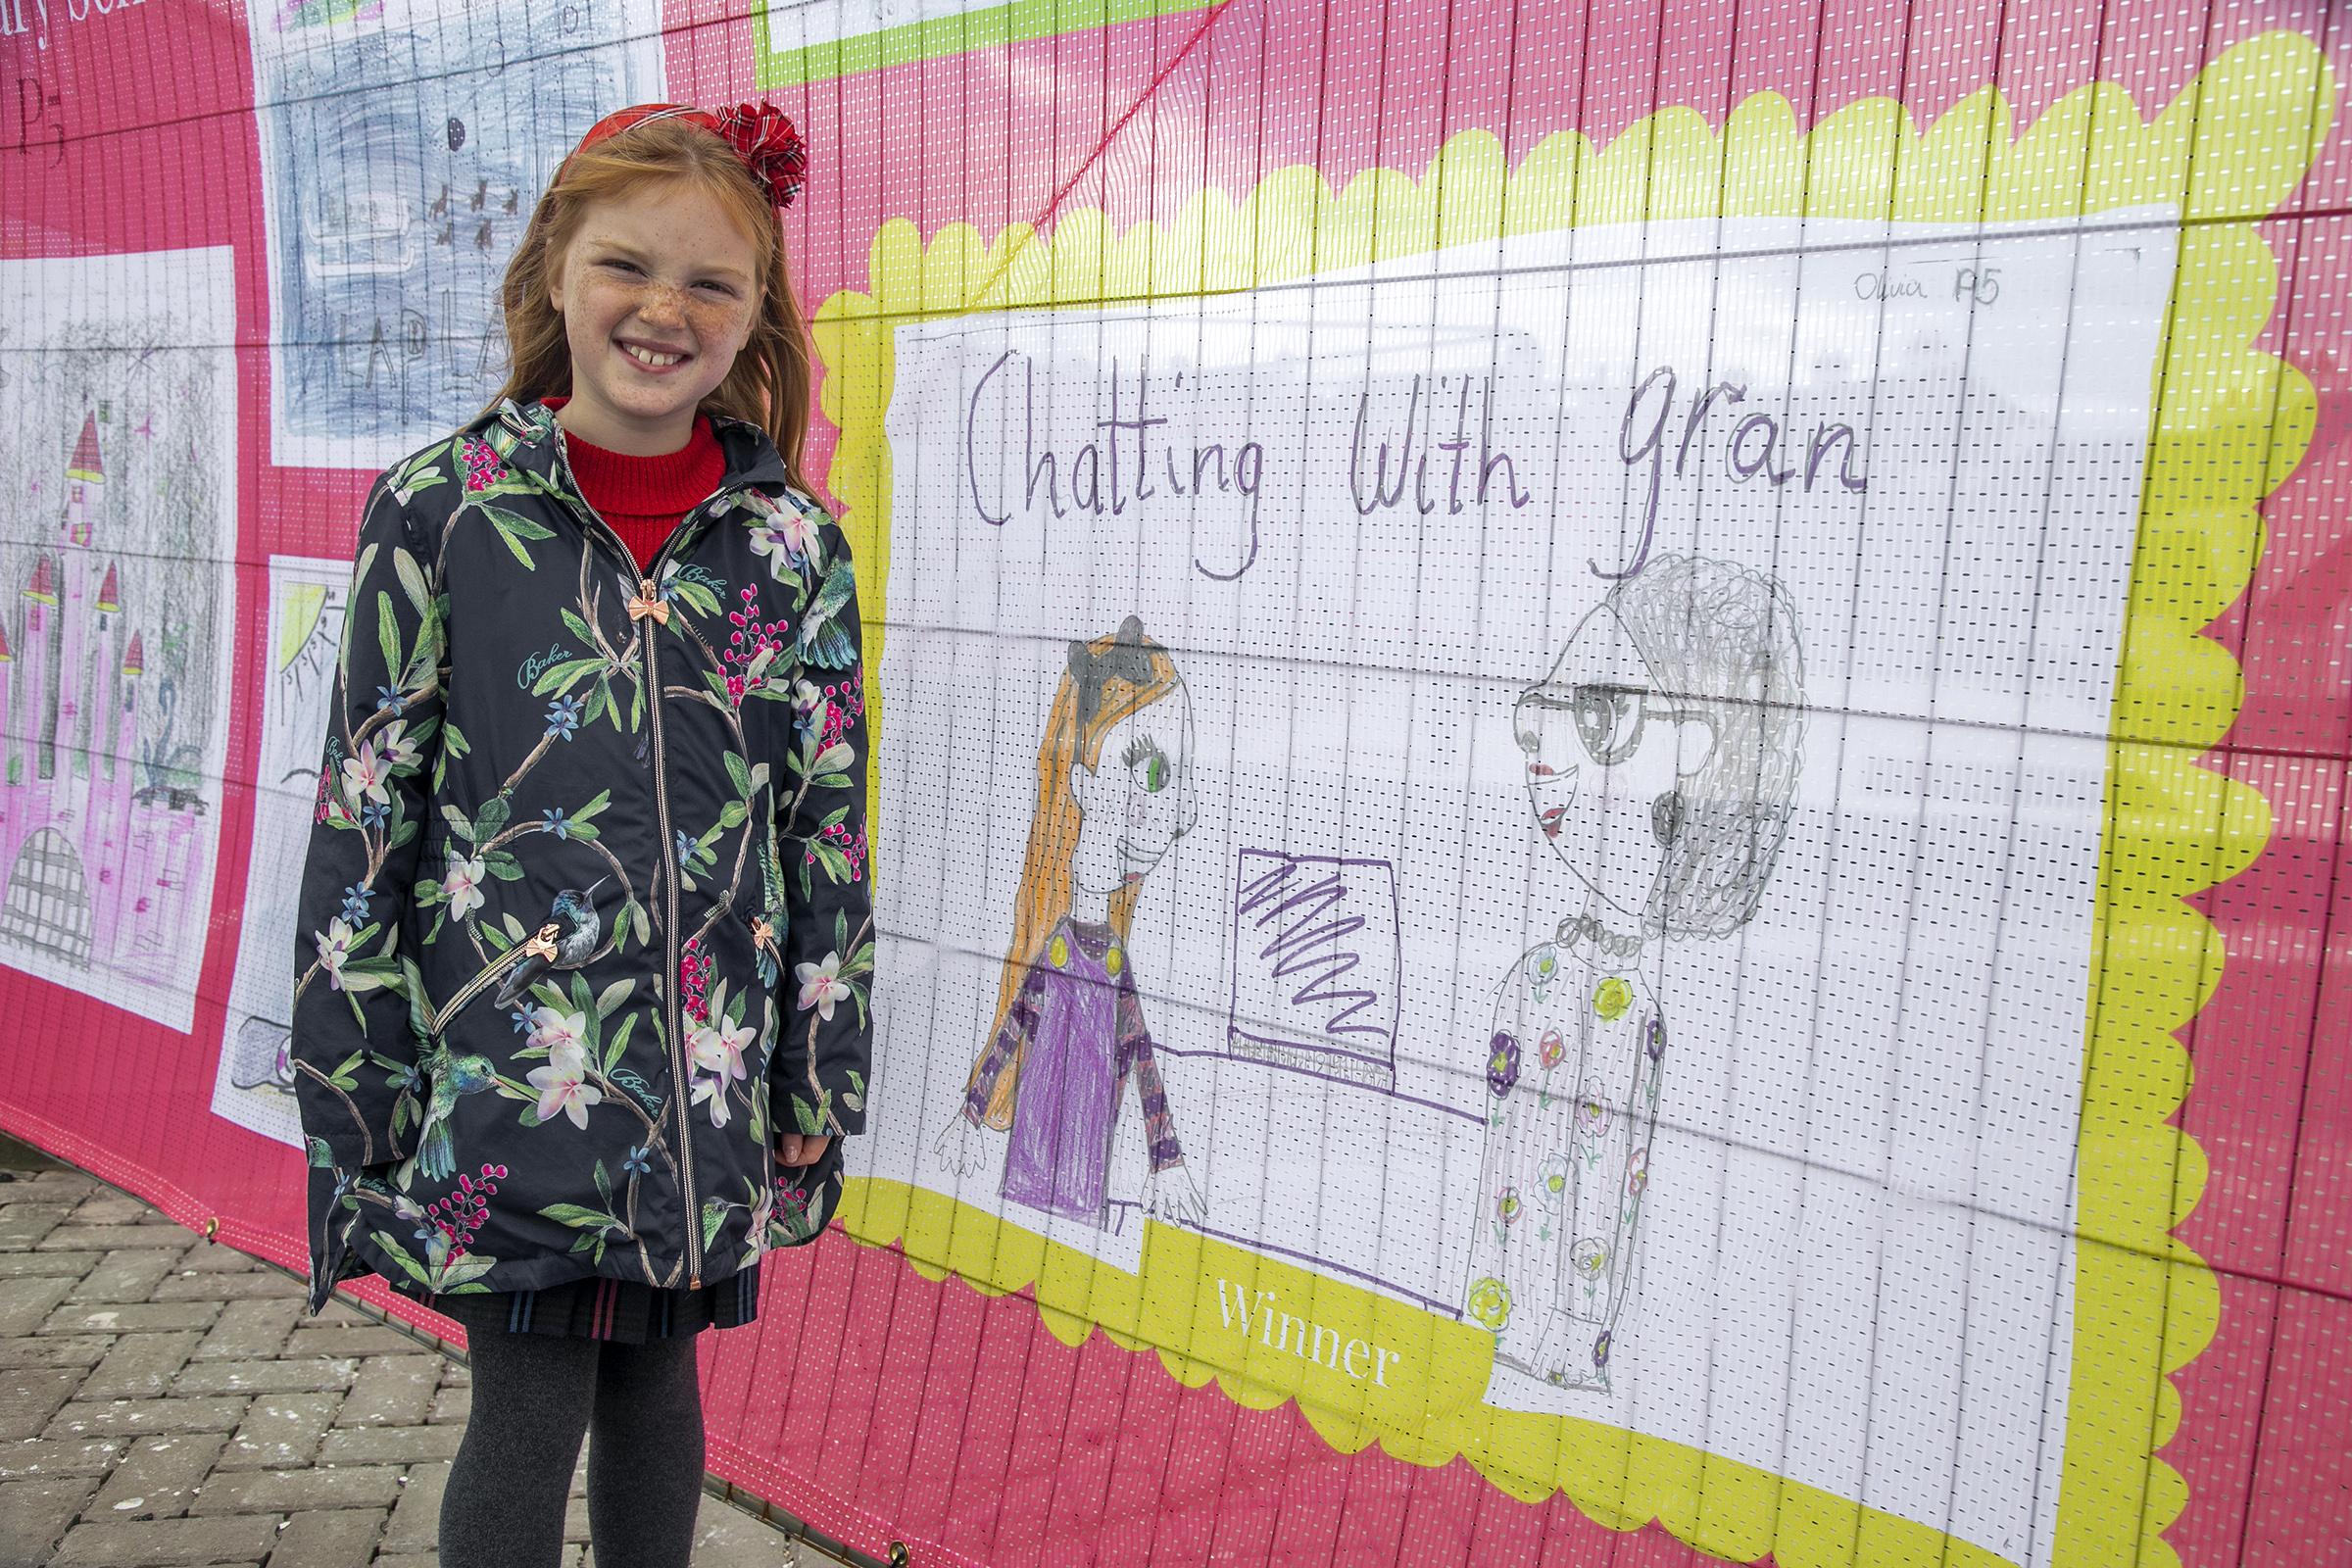 Newtonhill pupil Olivia Duffy